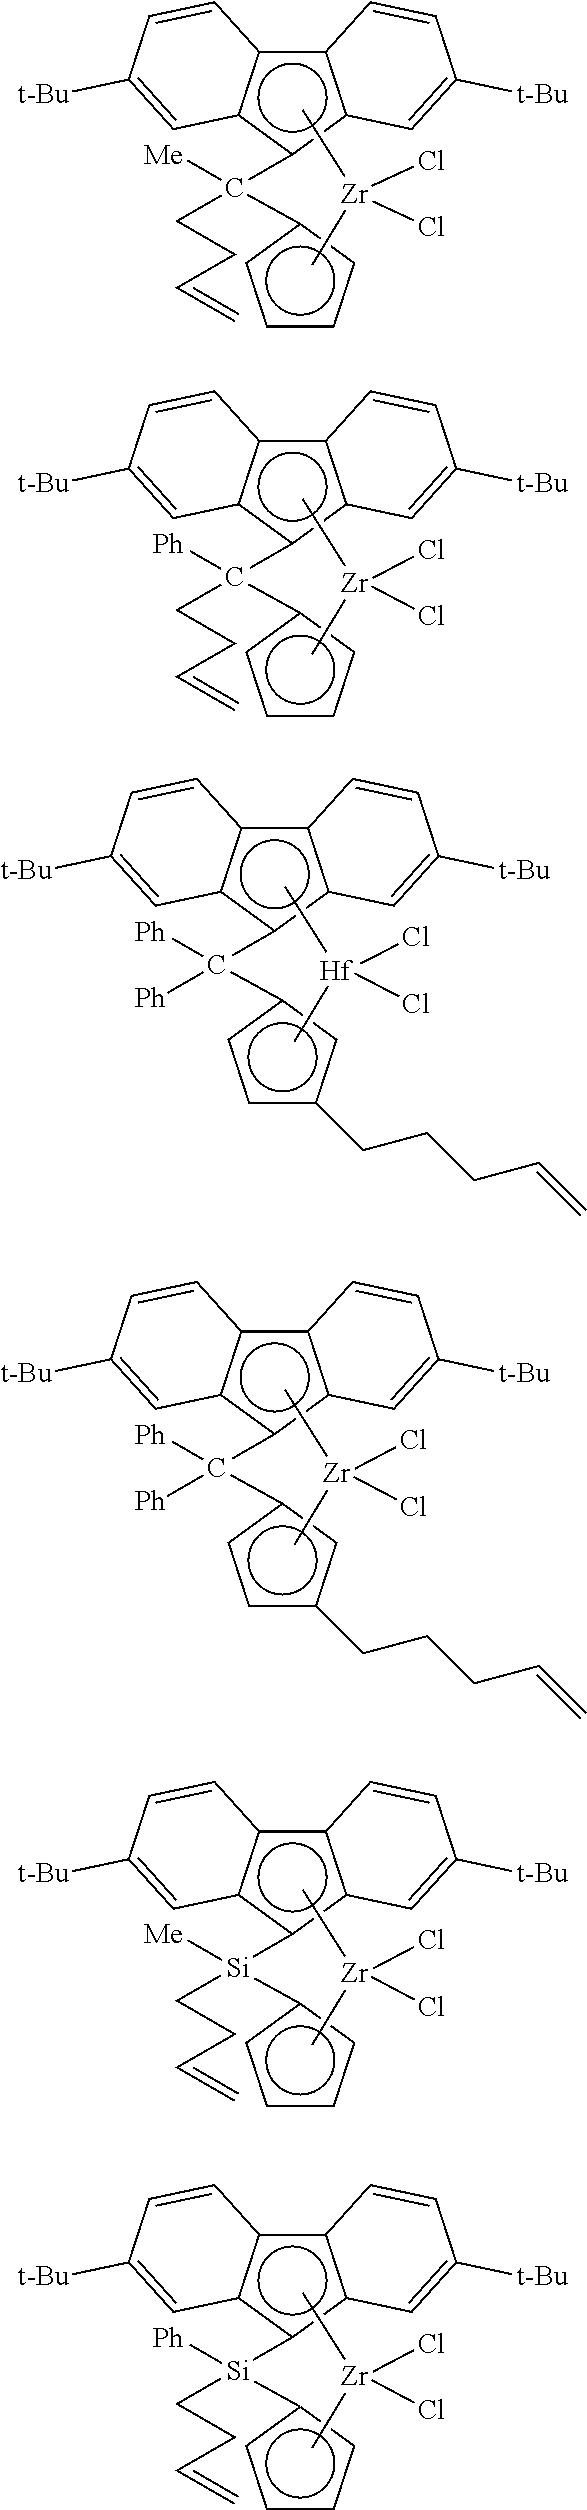 Figure US08940842-20150127-C00007